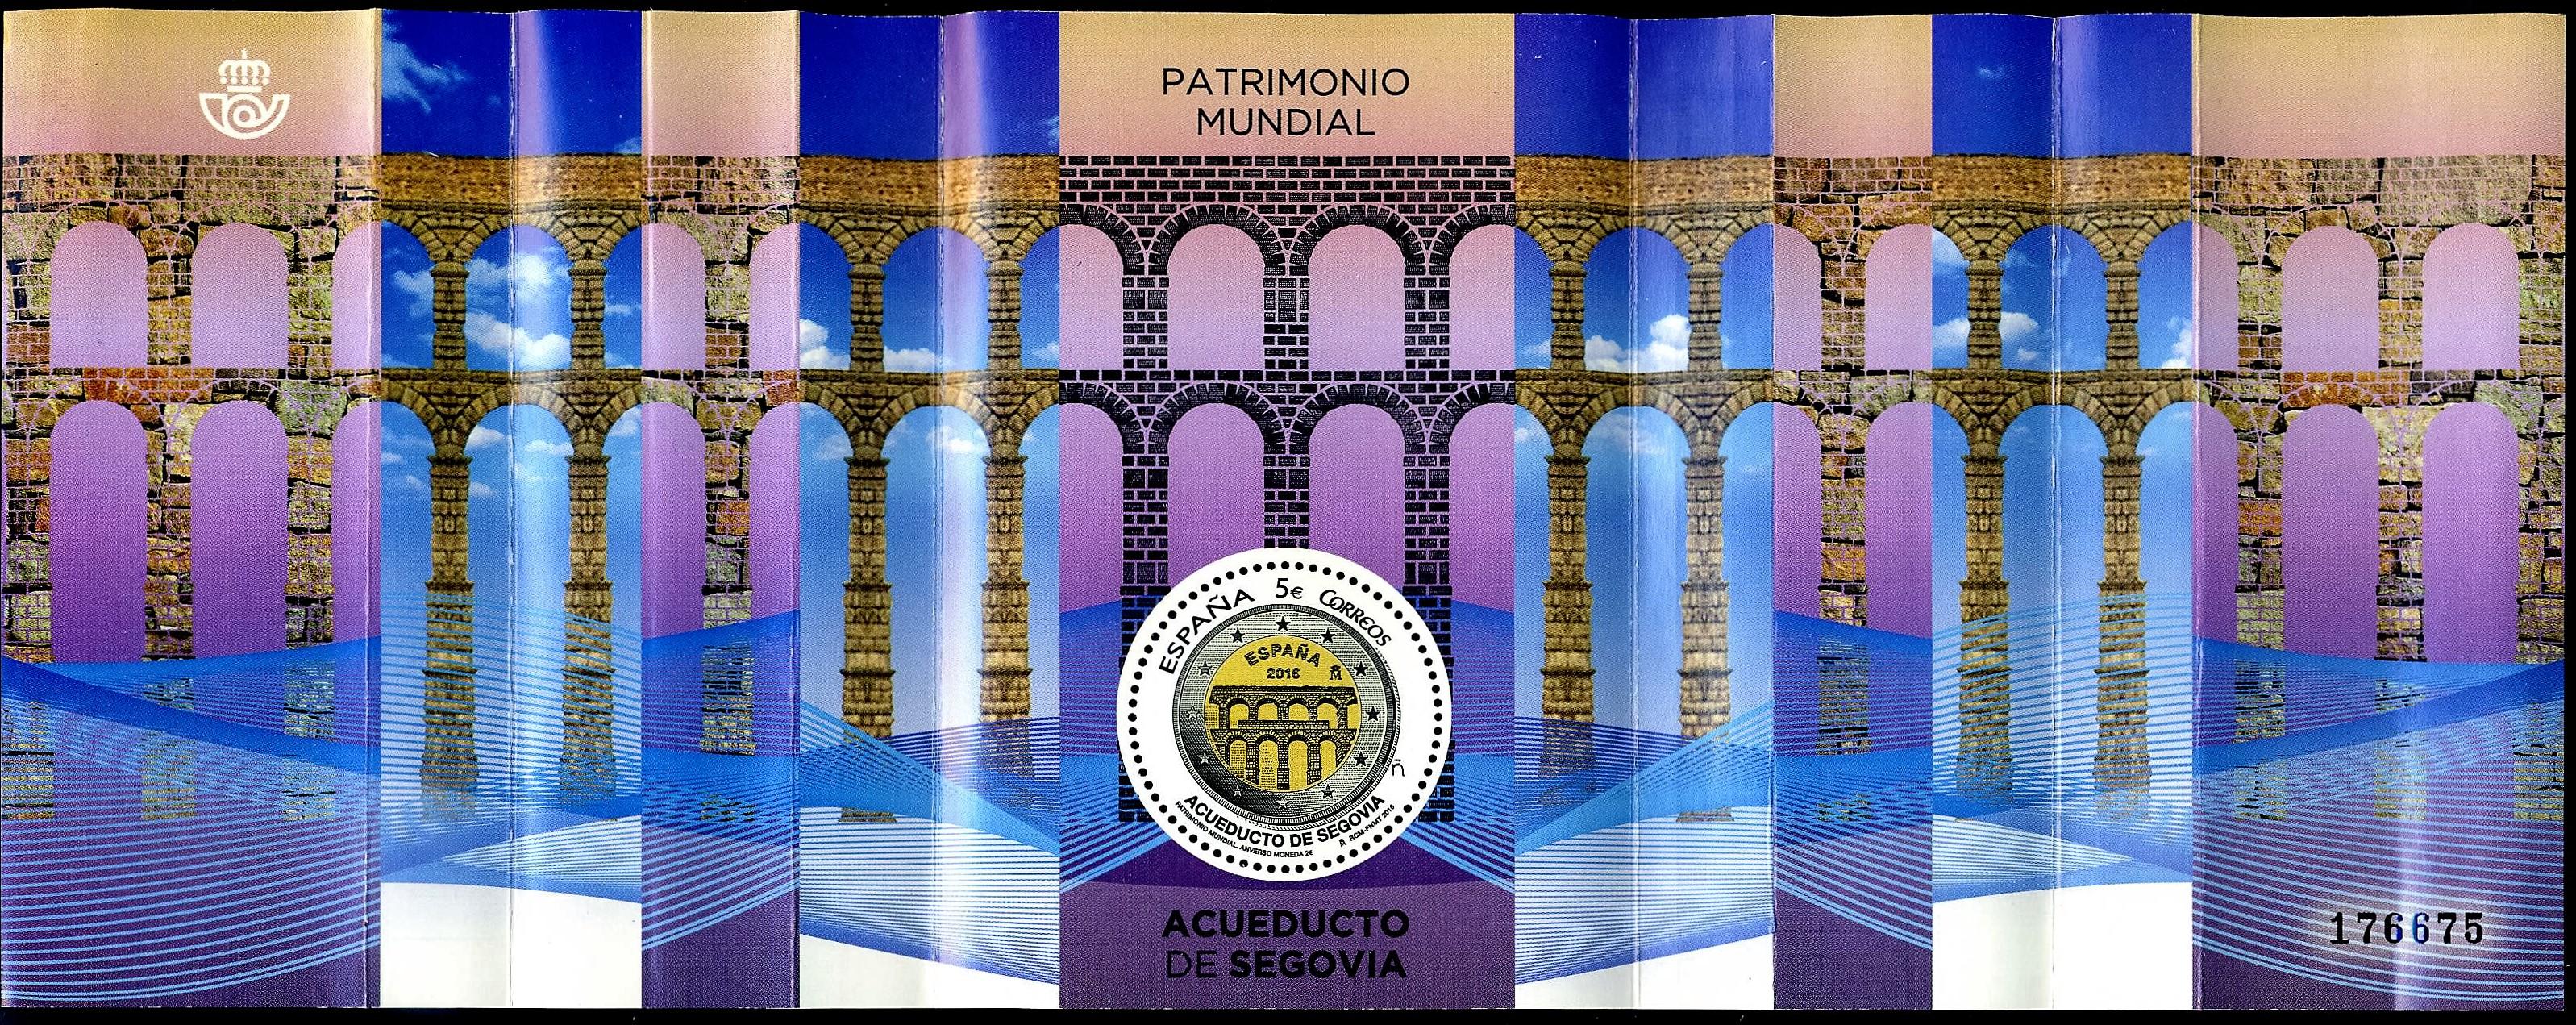 ES 235 2016 Segovia gestreched.jpg